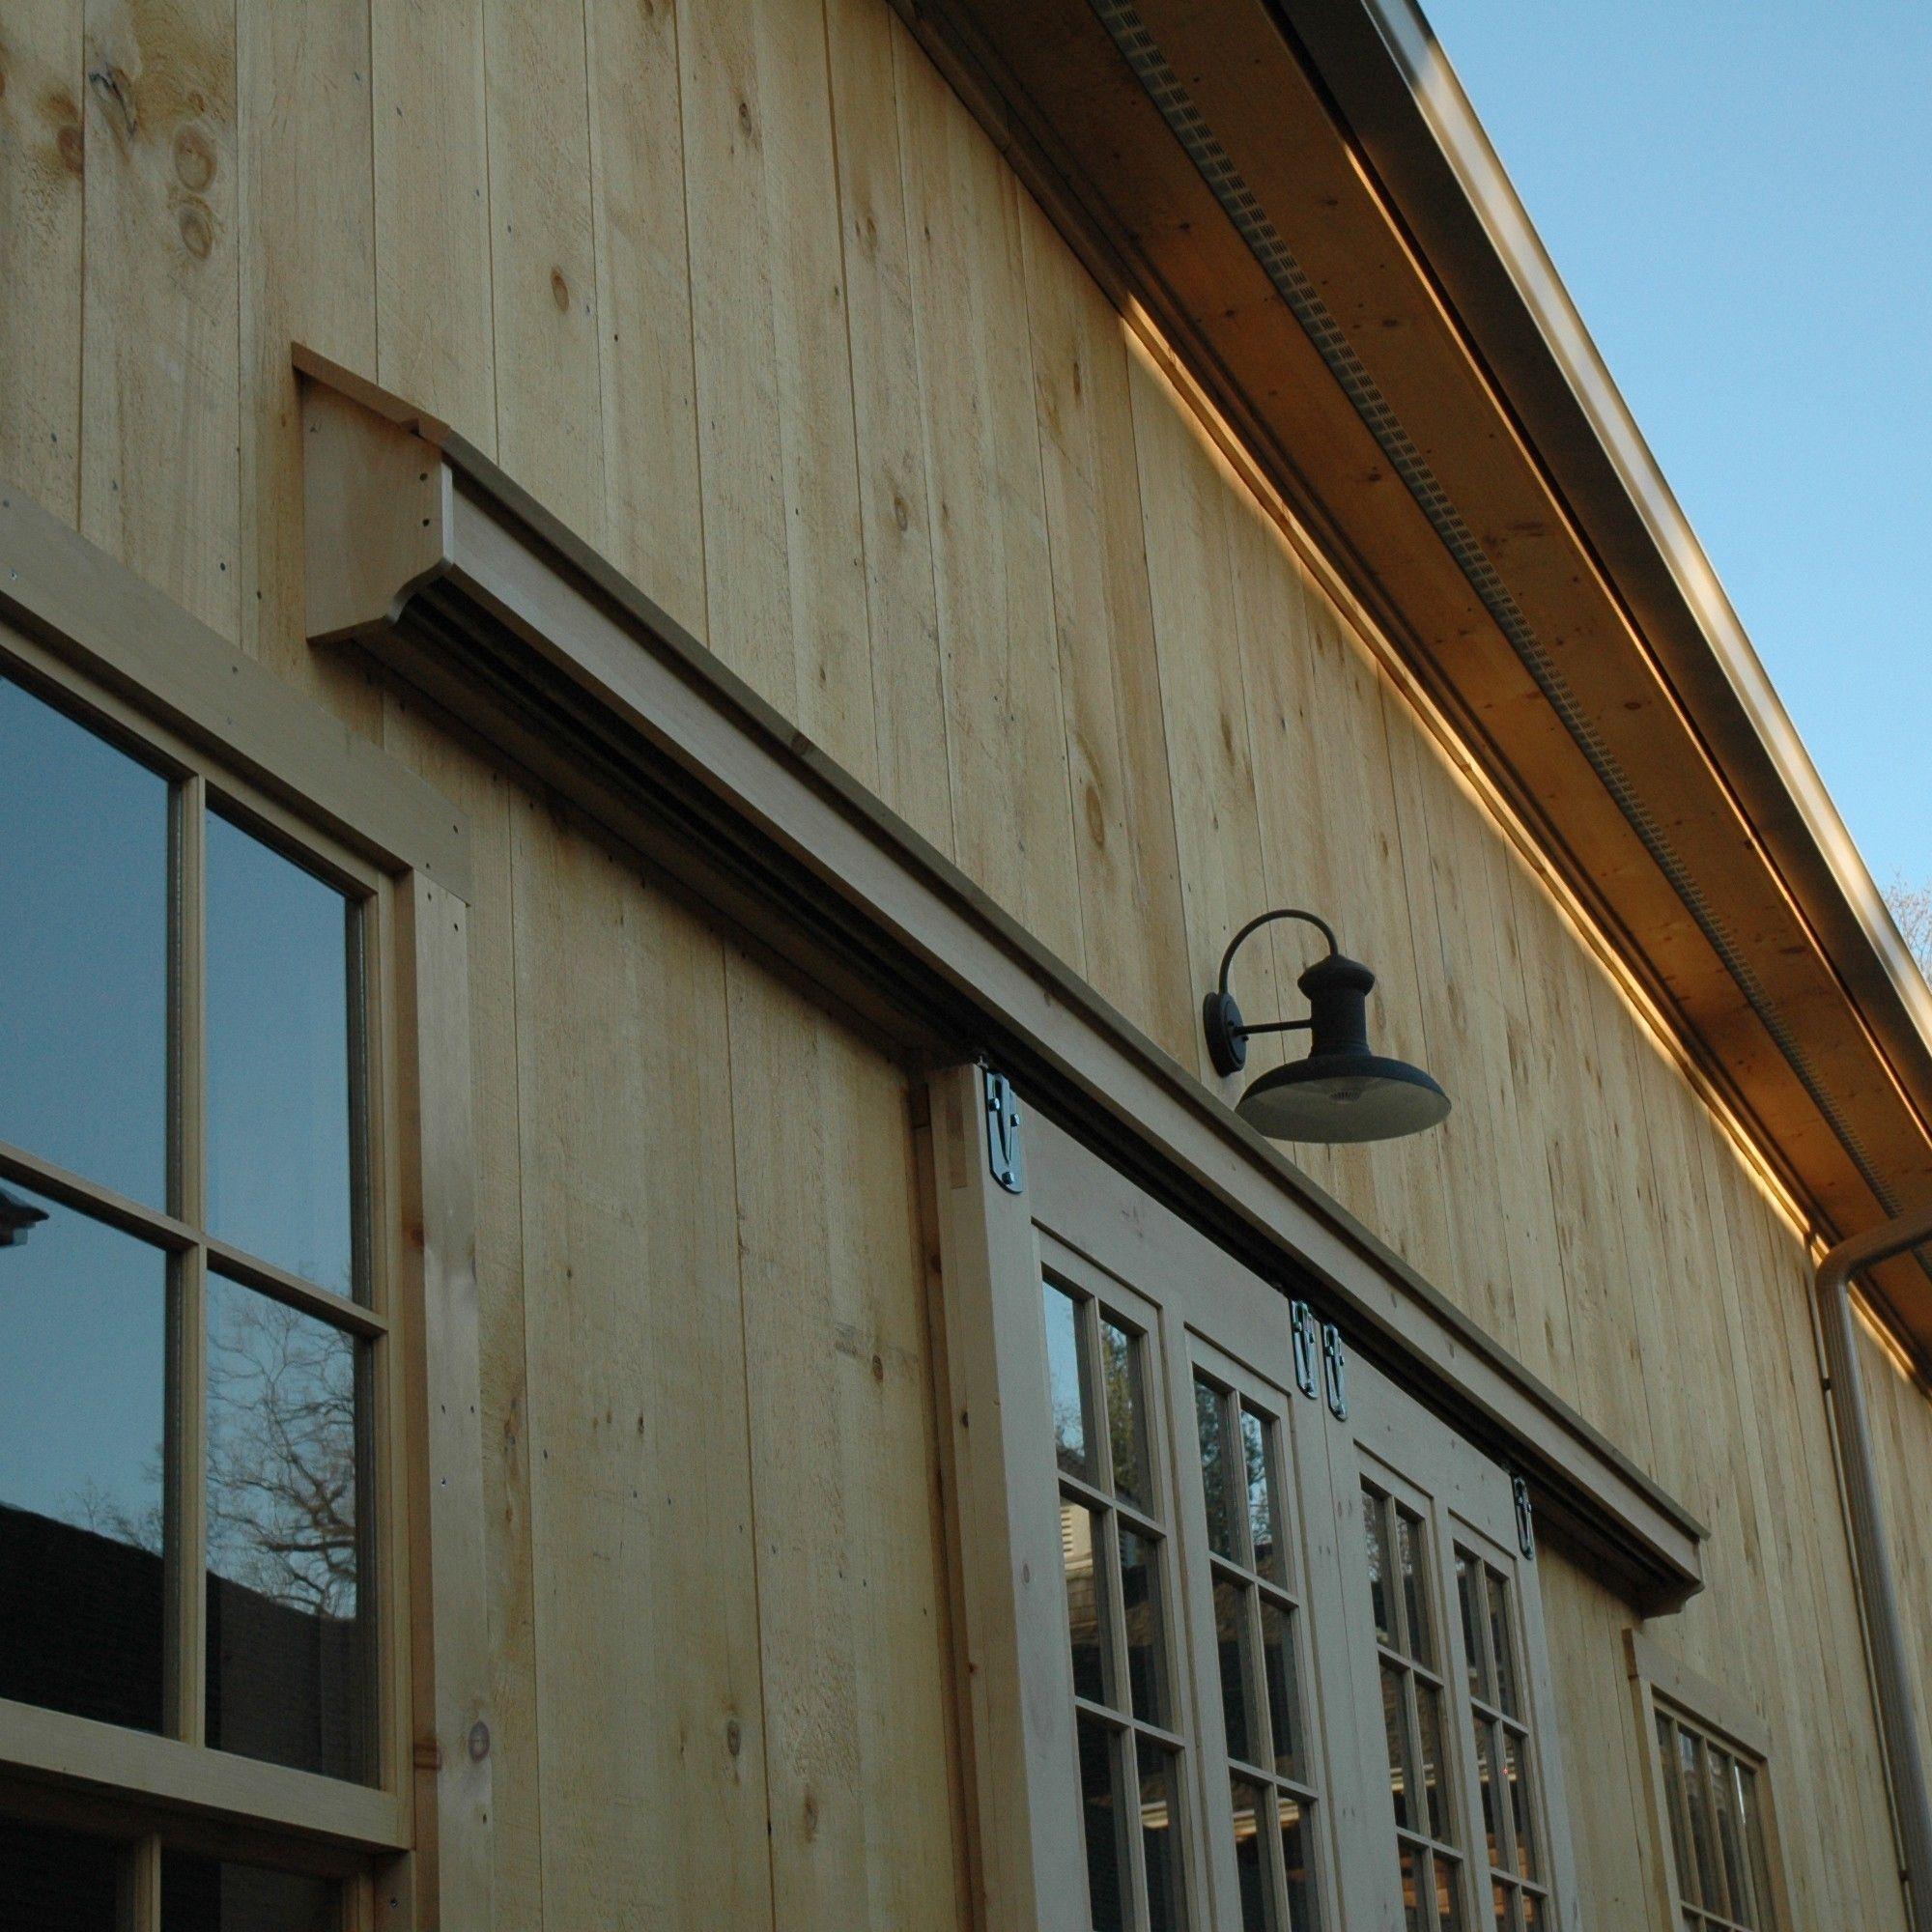 Exterior Barn Door Rollers Exterior Barn Doors Exterior Sliding Barn Doors Exterior Barn Door Hardware